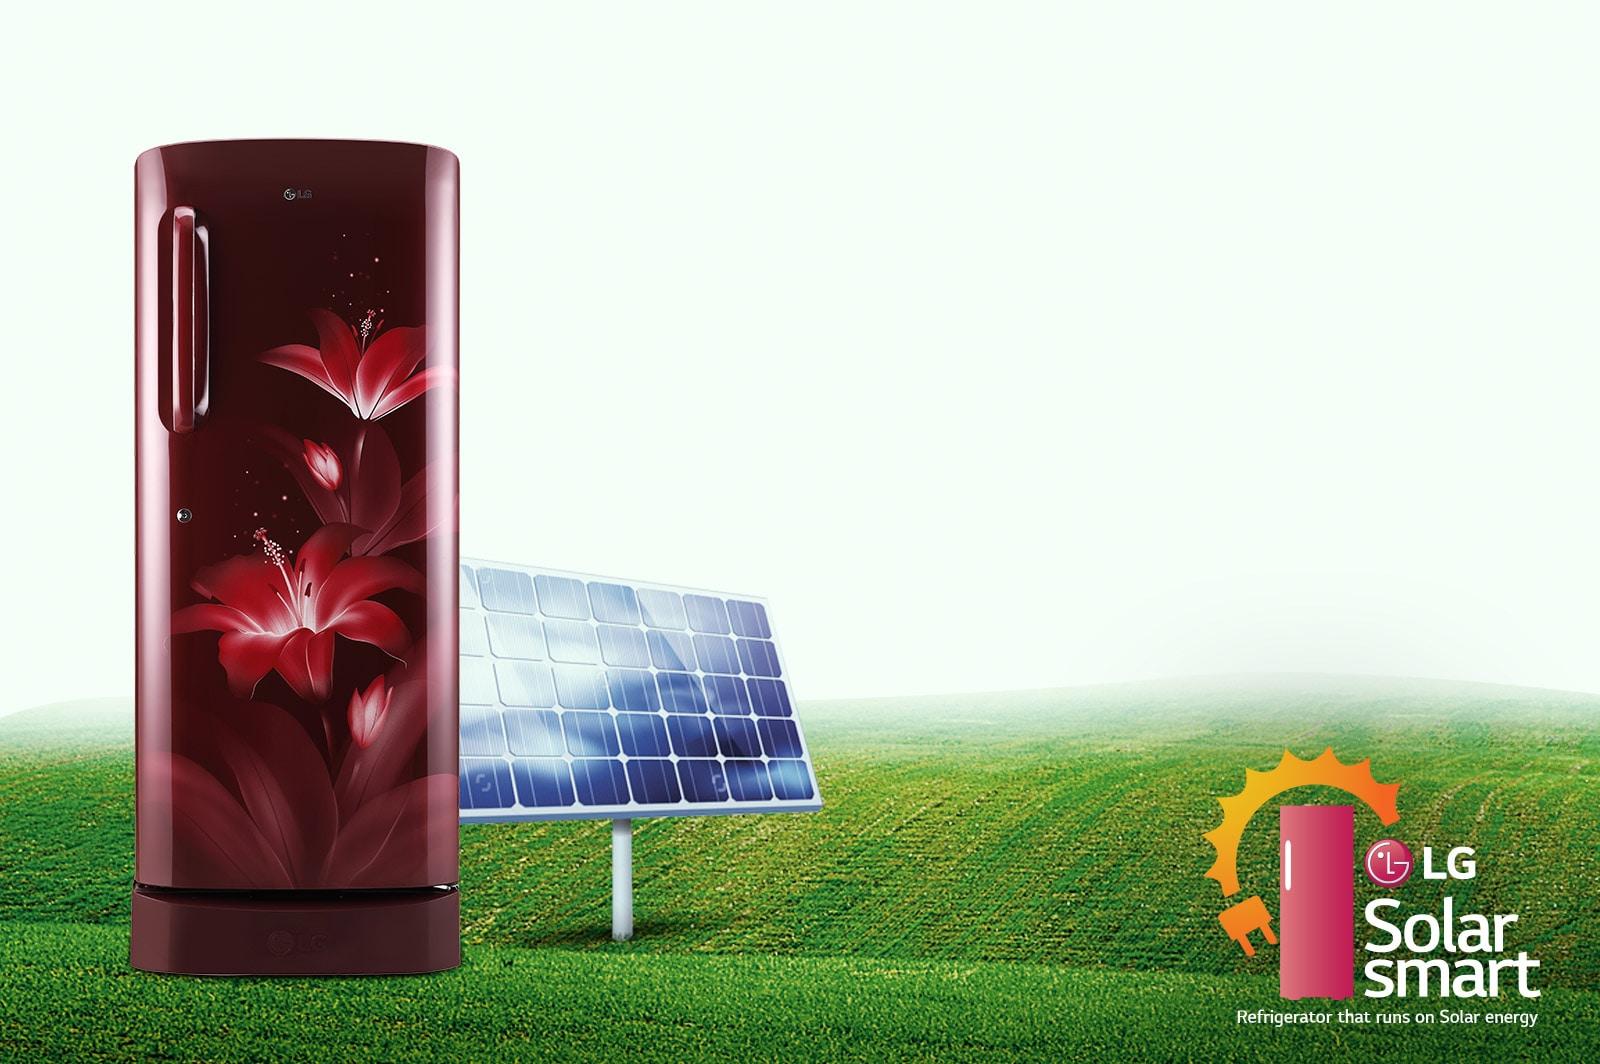 LG GL-D201ASCY 190 ltr solar smart